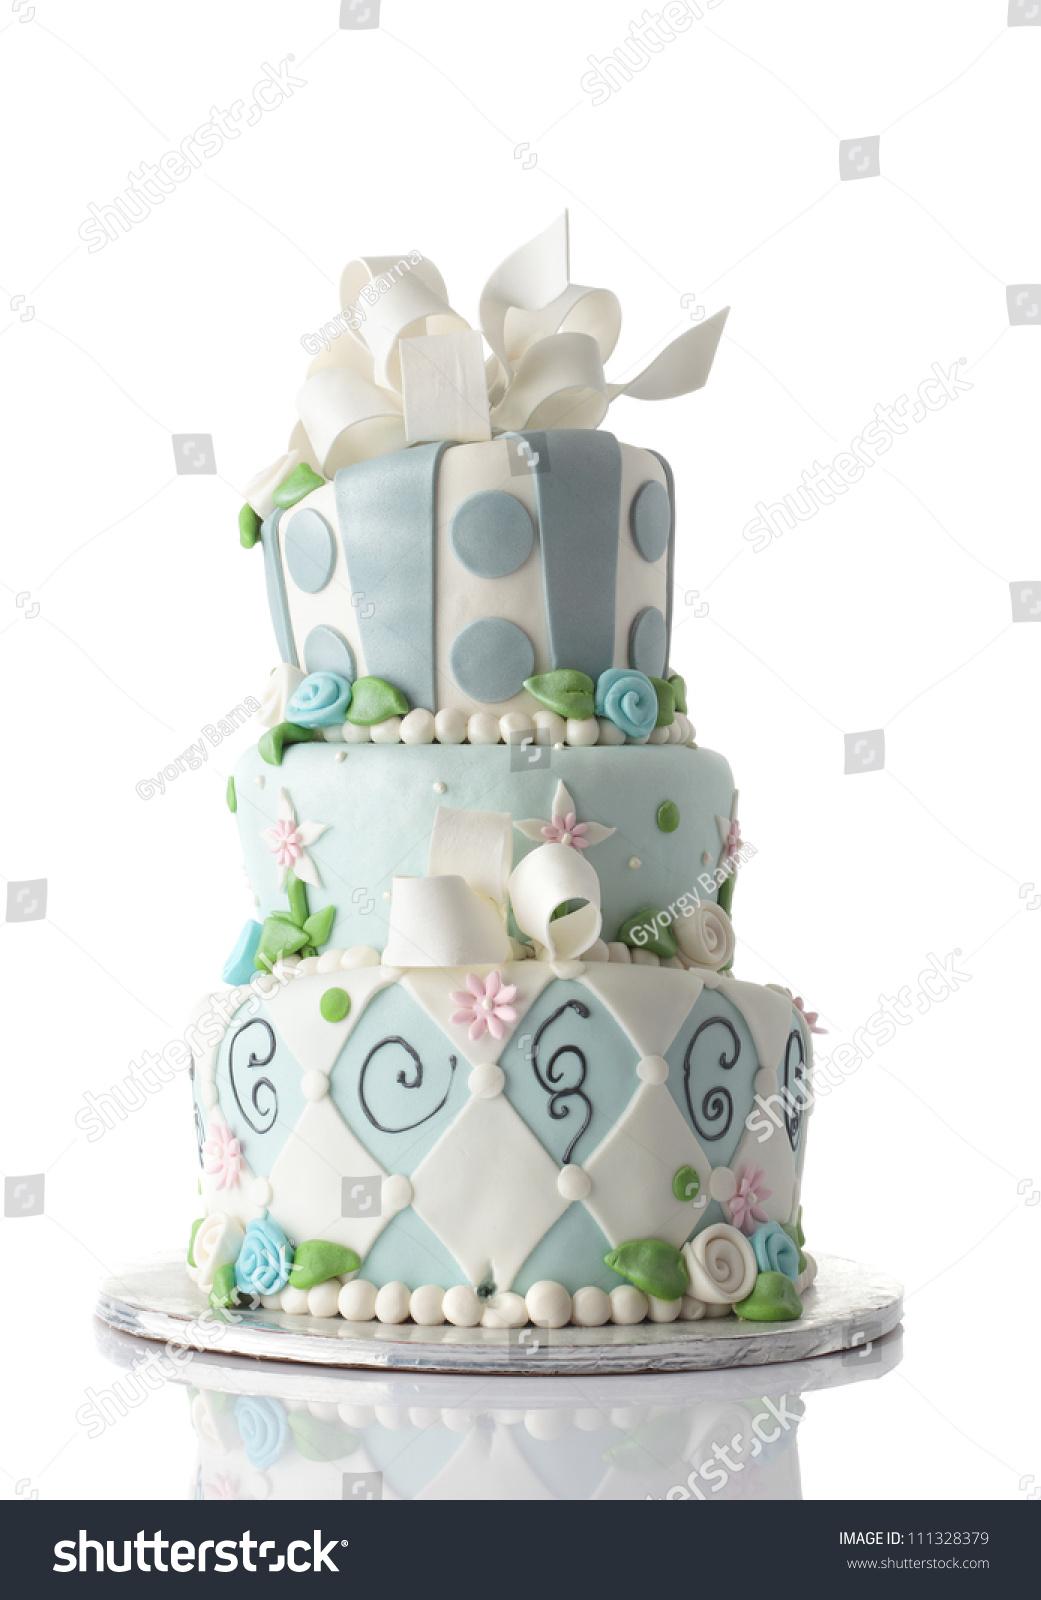 Birthday Cake Isolated On White Background Stock Photo